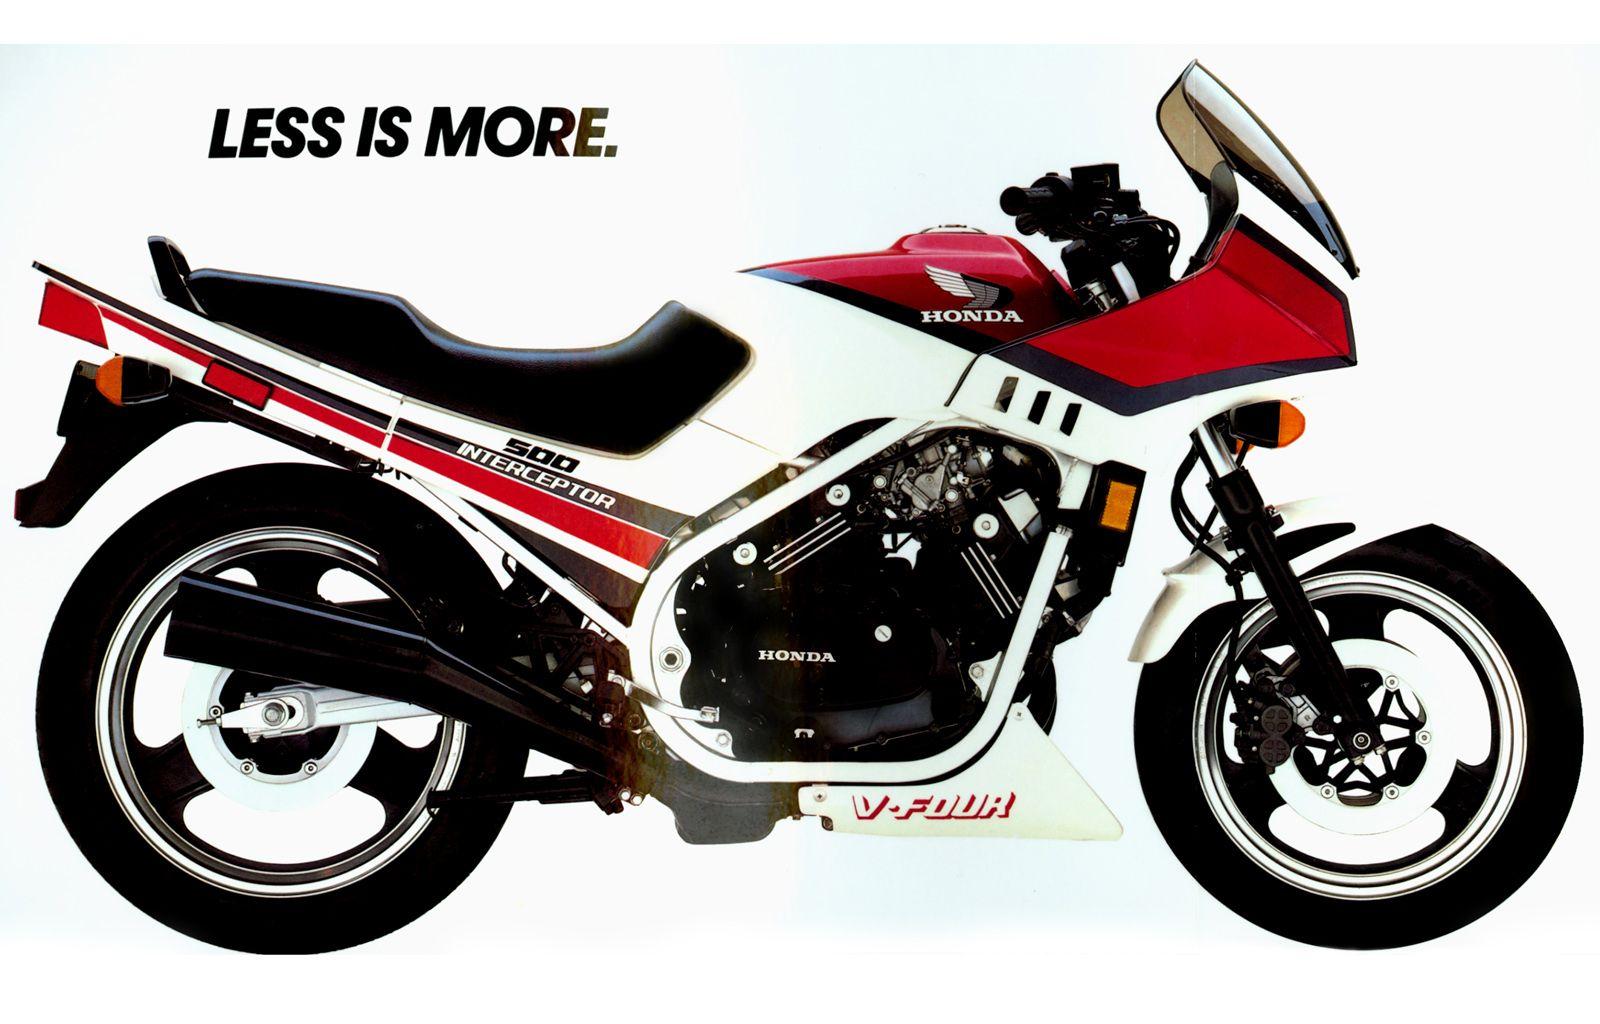 1984 Honda VF500F Interceptor I had one of these. Awesome Bike!